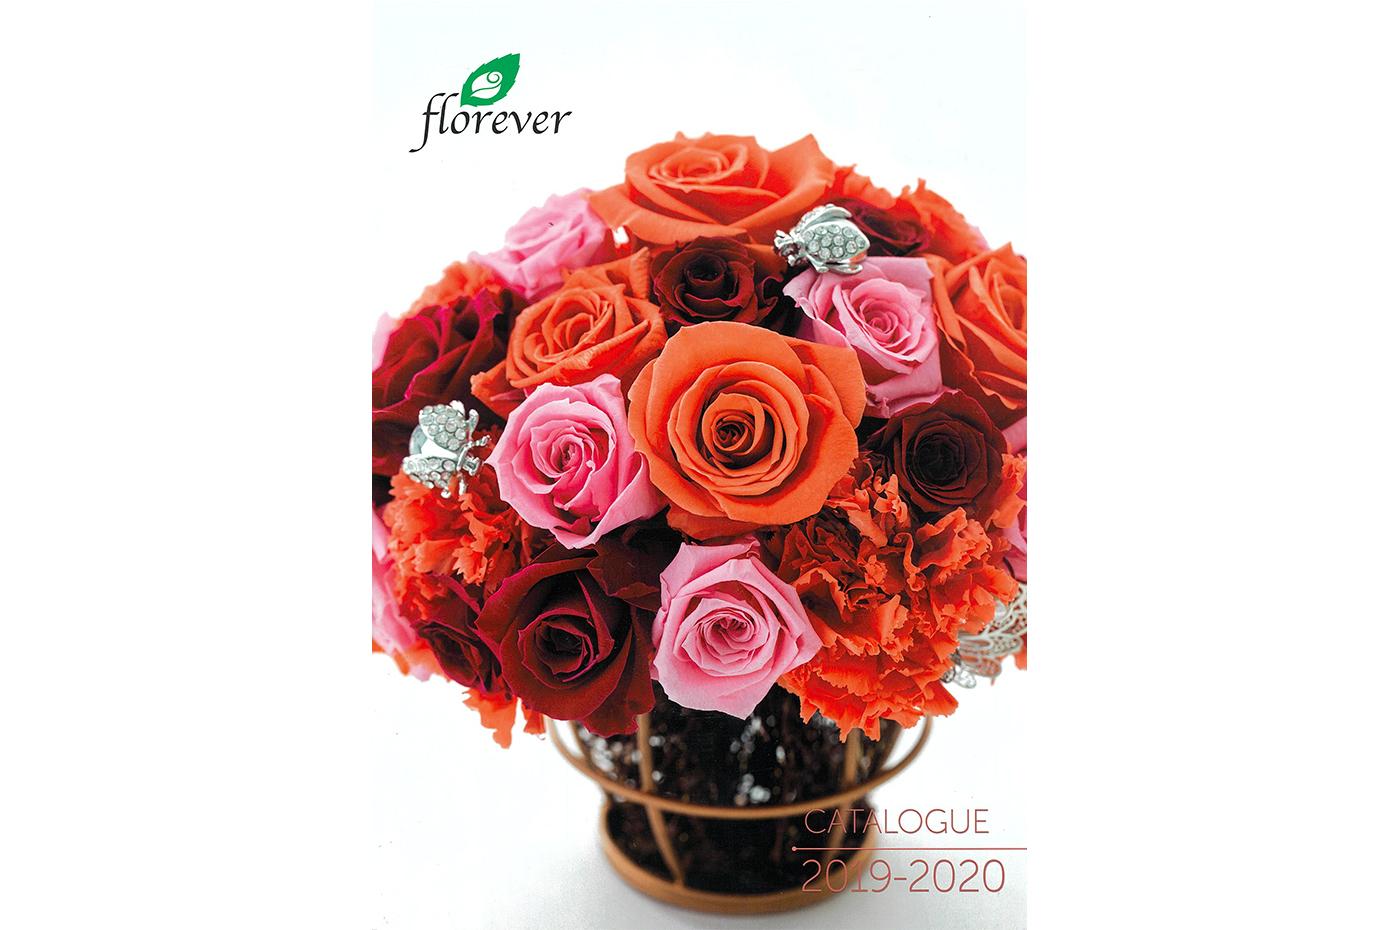 floreverカタログに作品提供